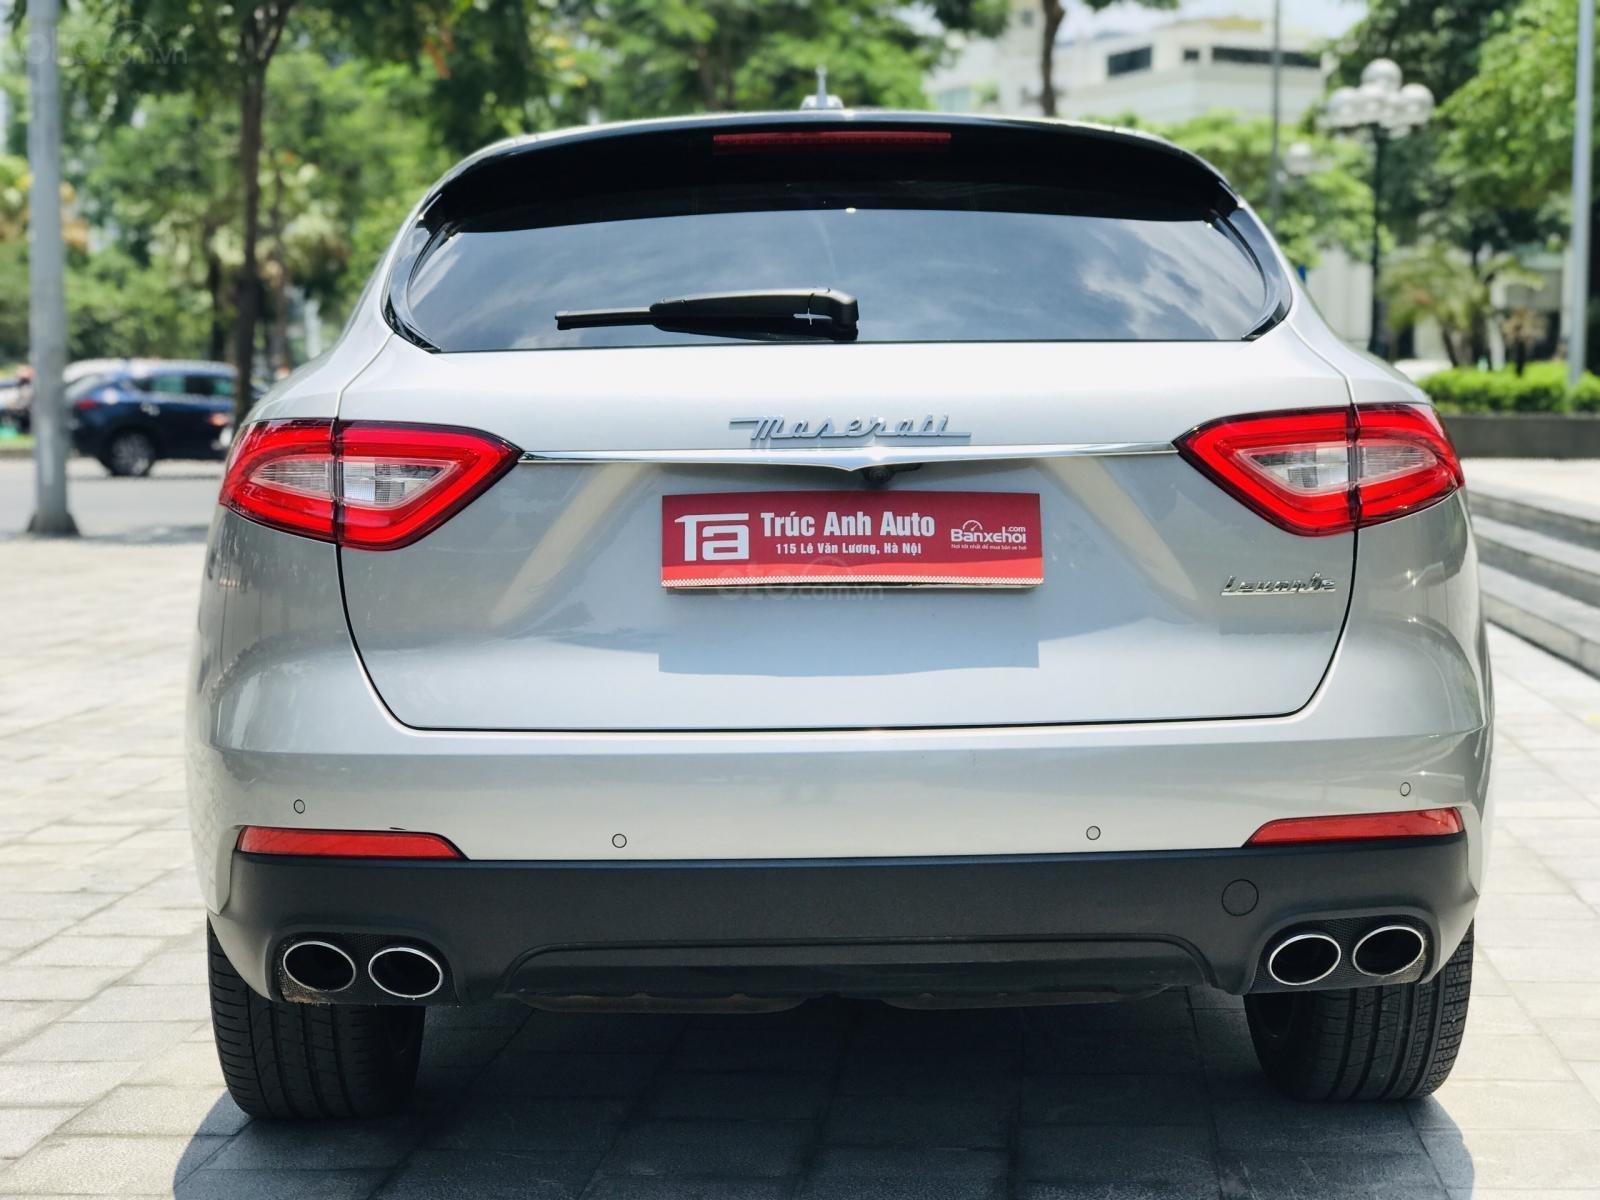 Maserati Levante sản xuất 2017, siêu lướt 10.690km, nhập khẩu Châu Âu (4)